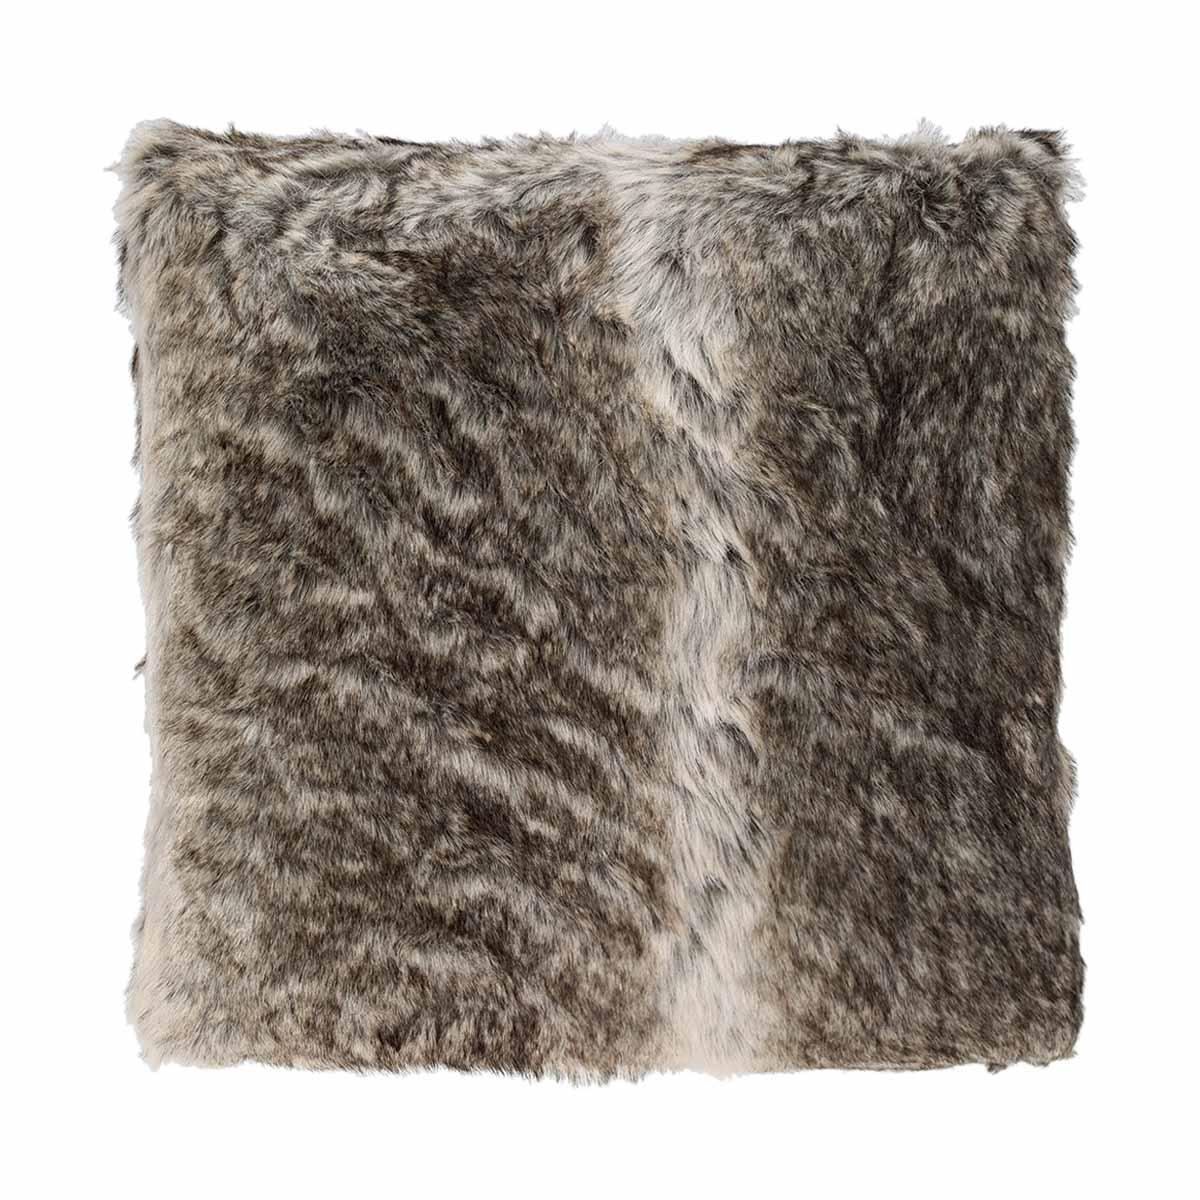 coussin fourrure gris homemaison vente en ligne coussins standards. Black Bedroom Furniture Sets. Home Design Ideas